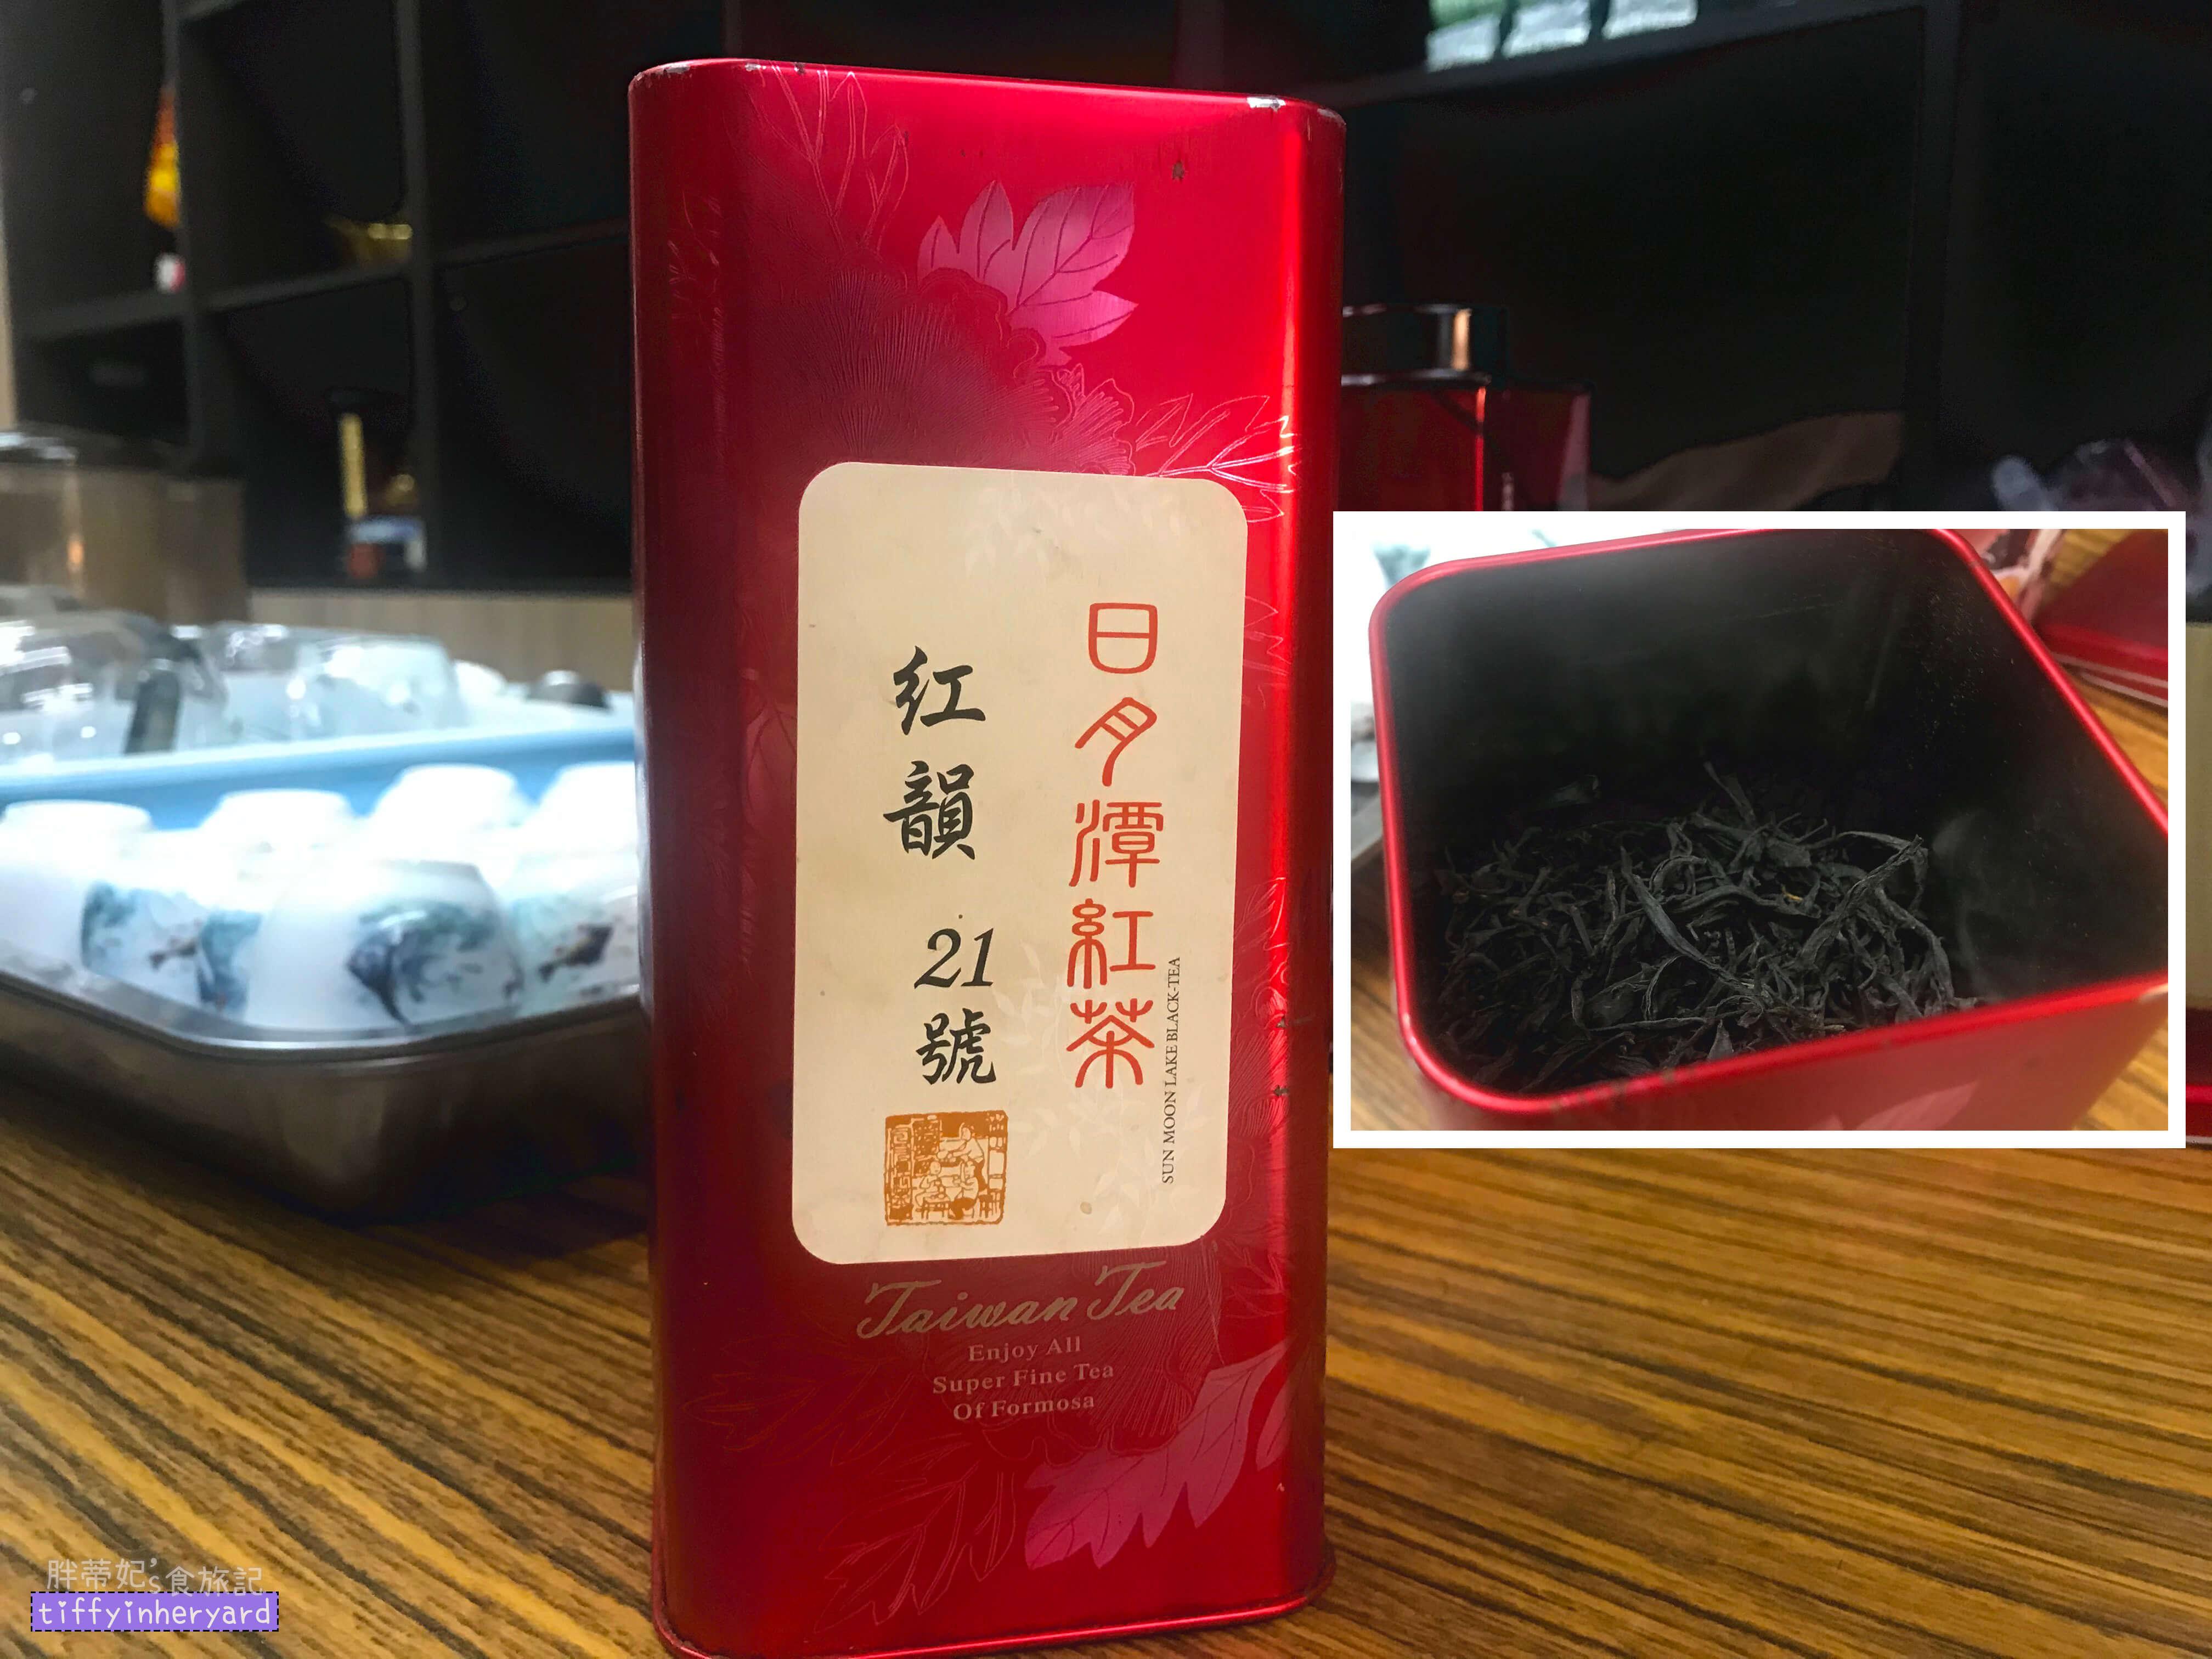 可以更近一步看紅茶茶葉的形狀